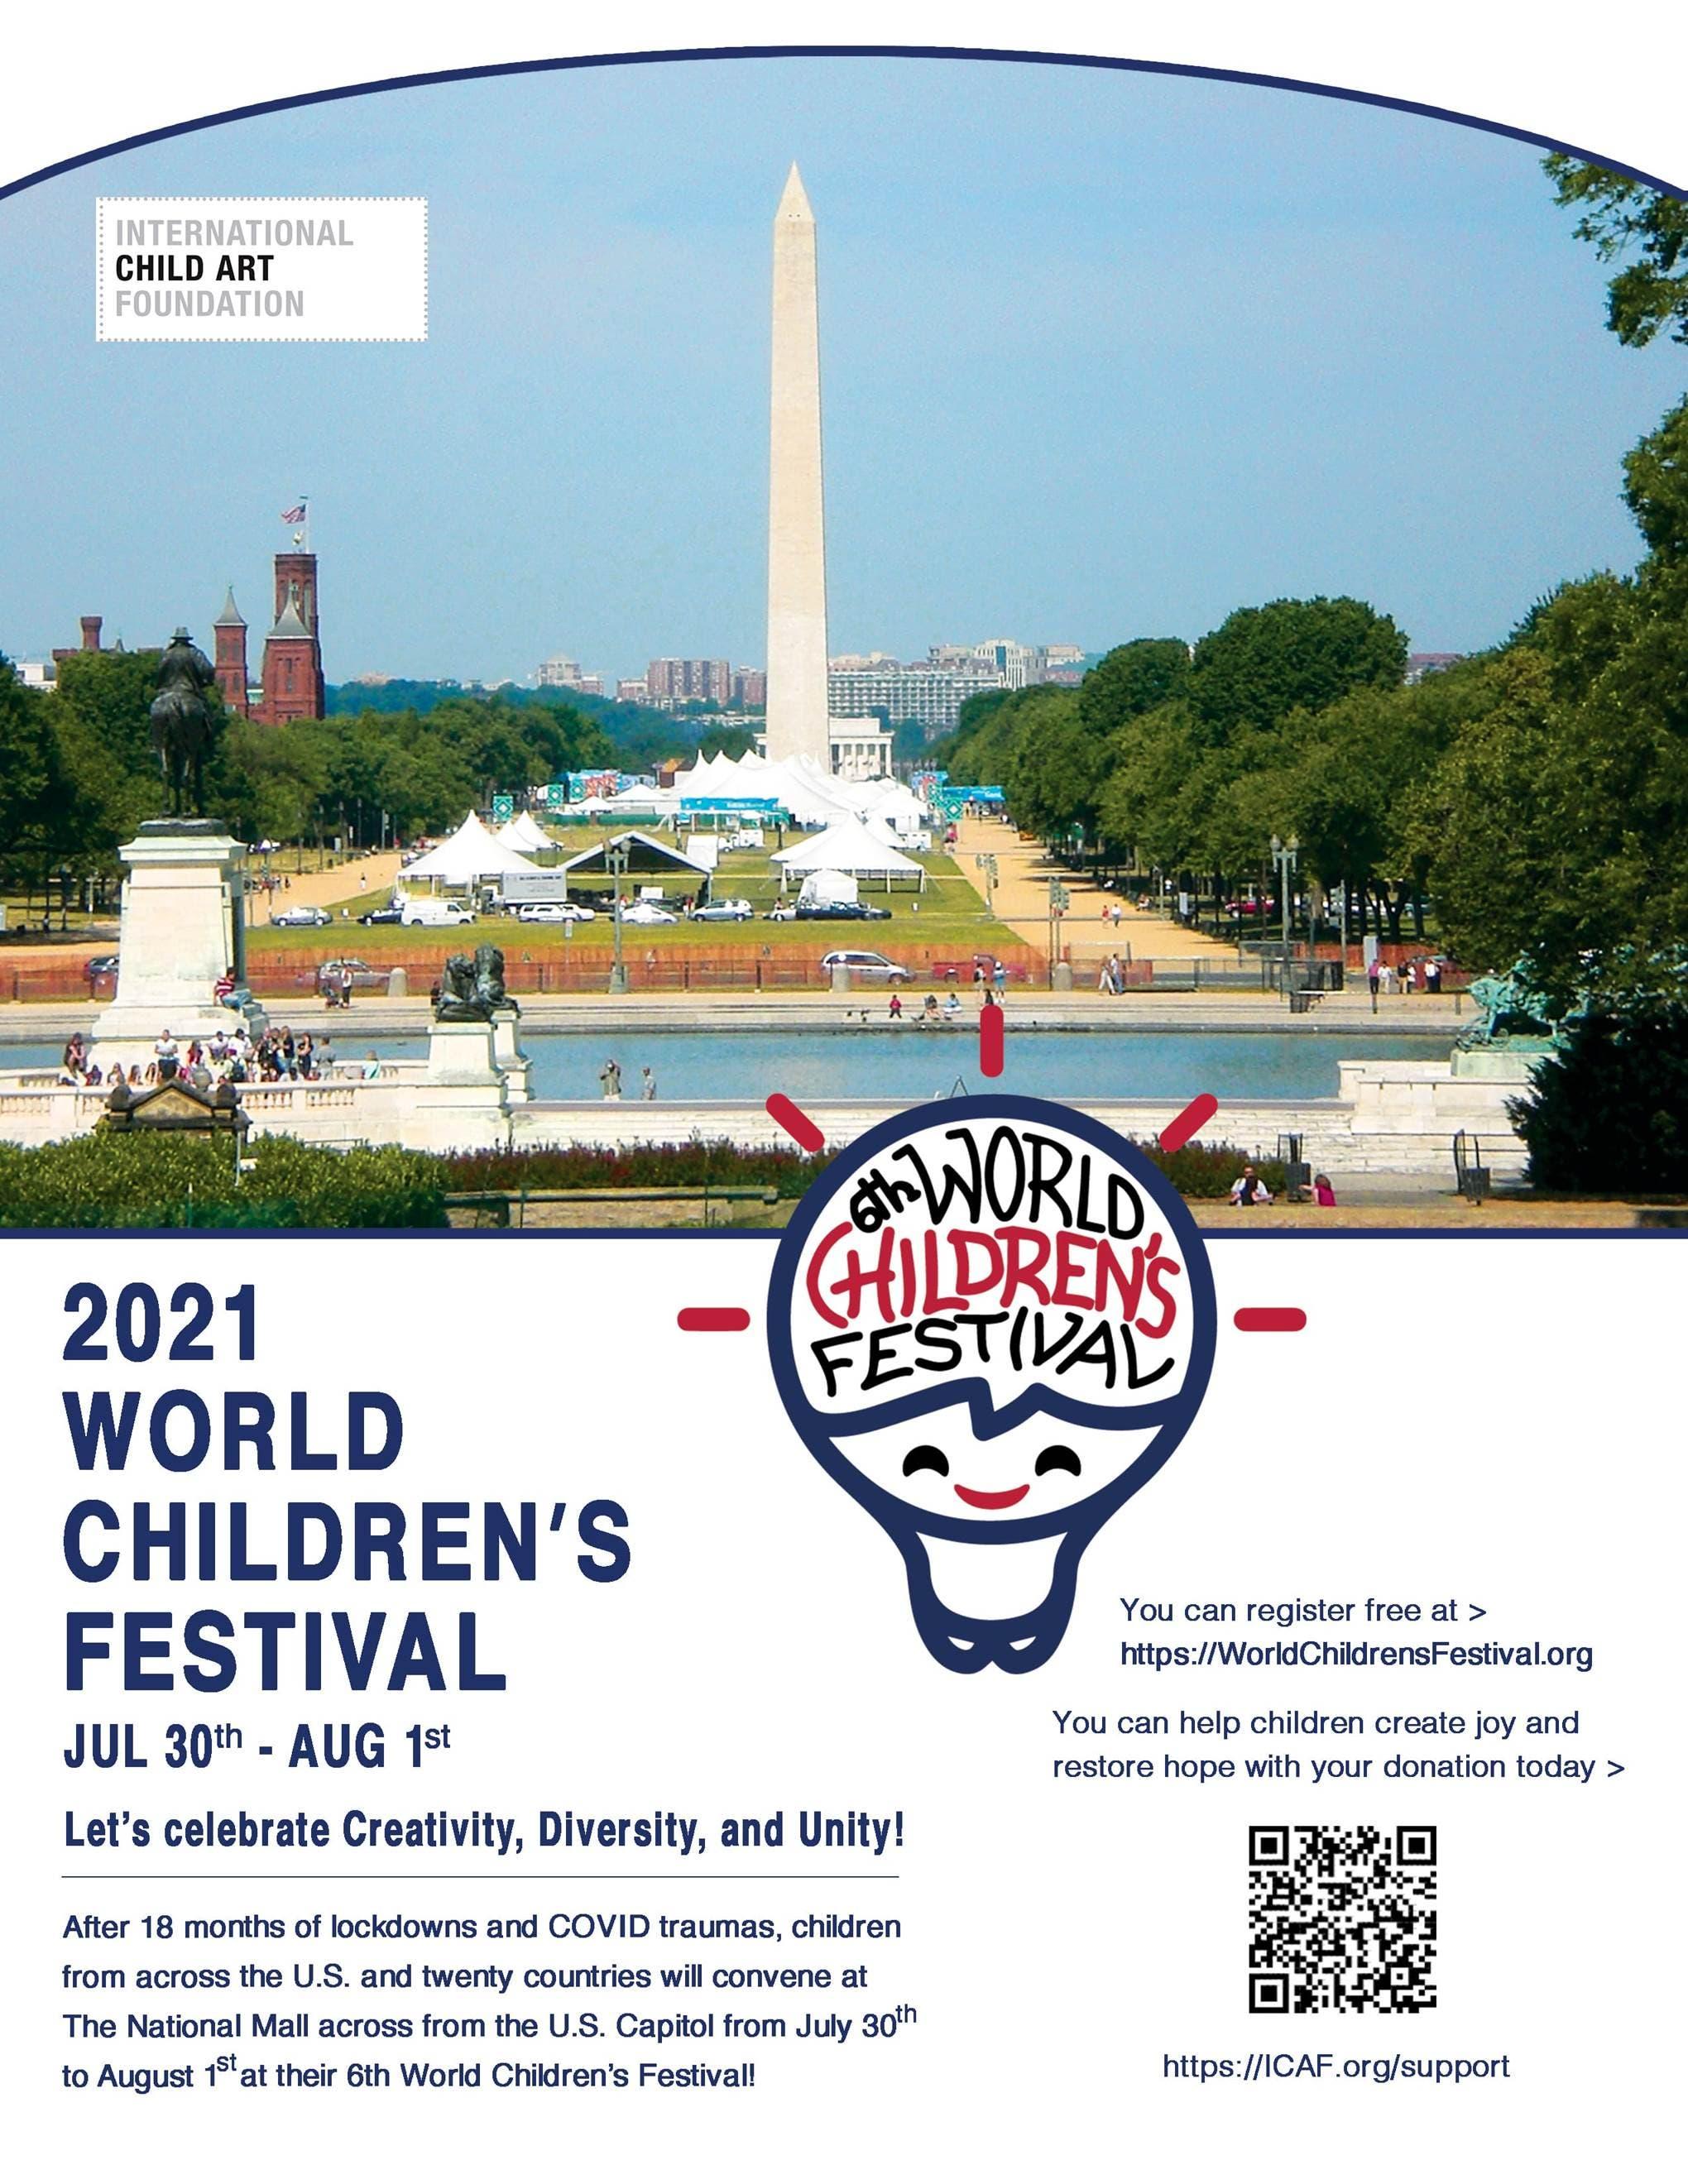 World Children's Festival